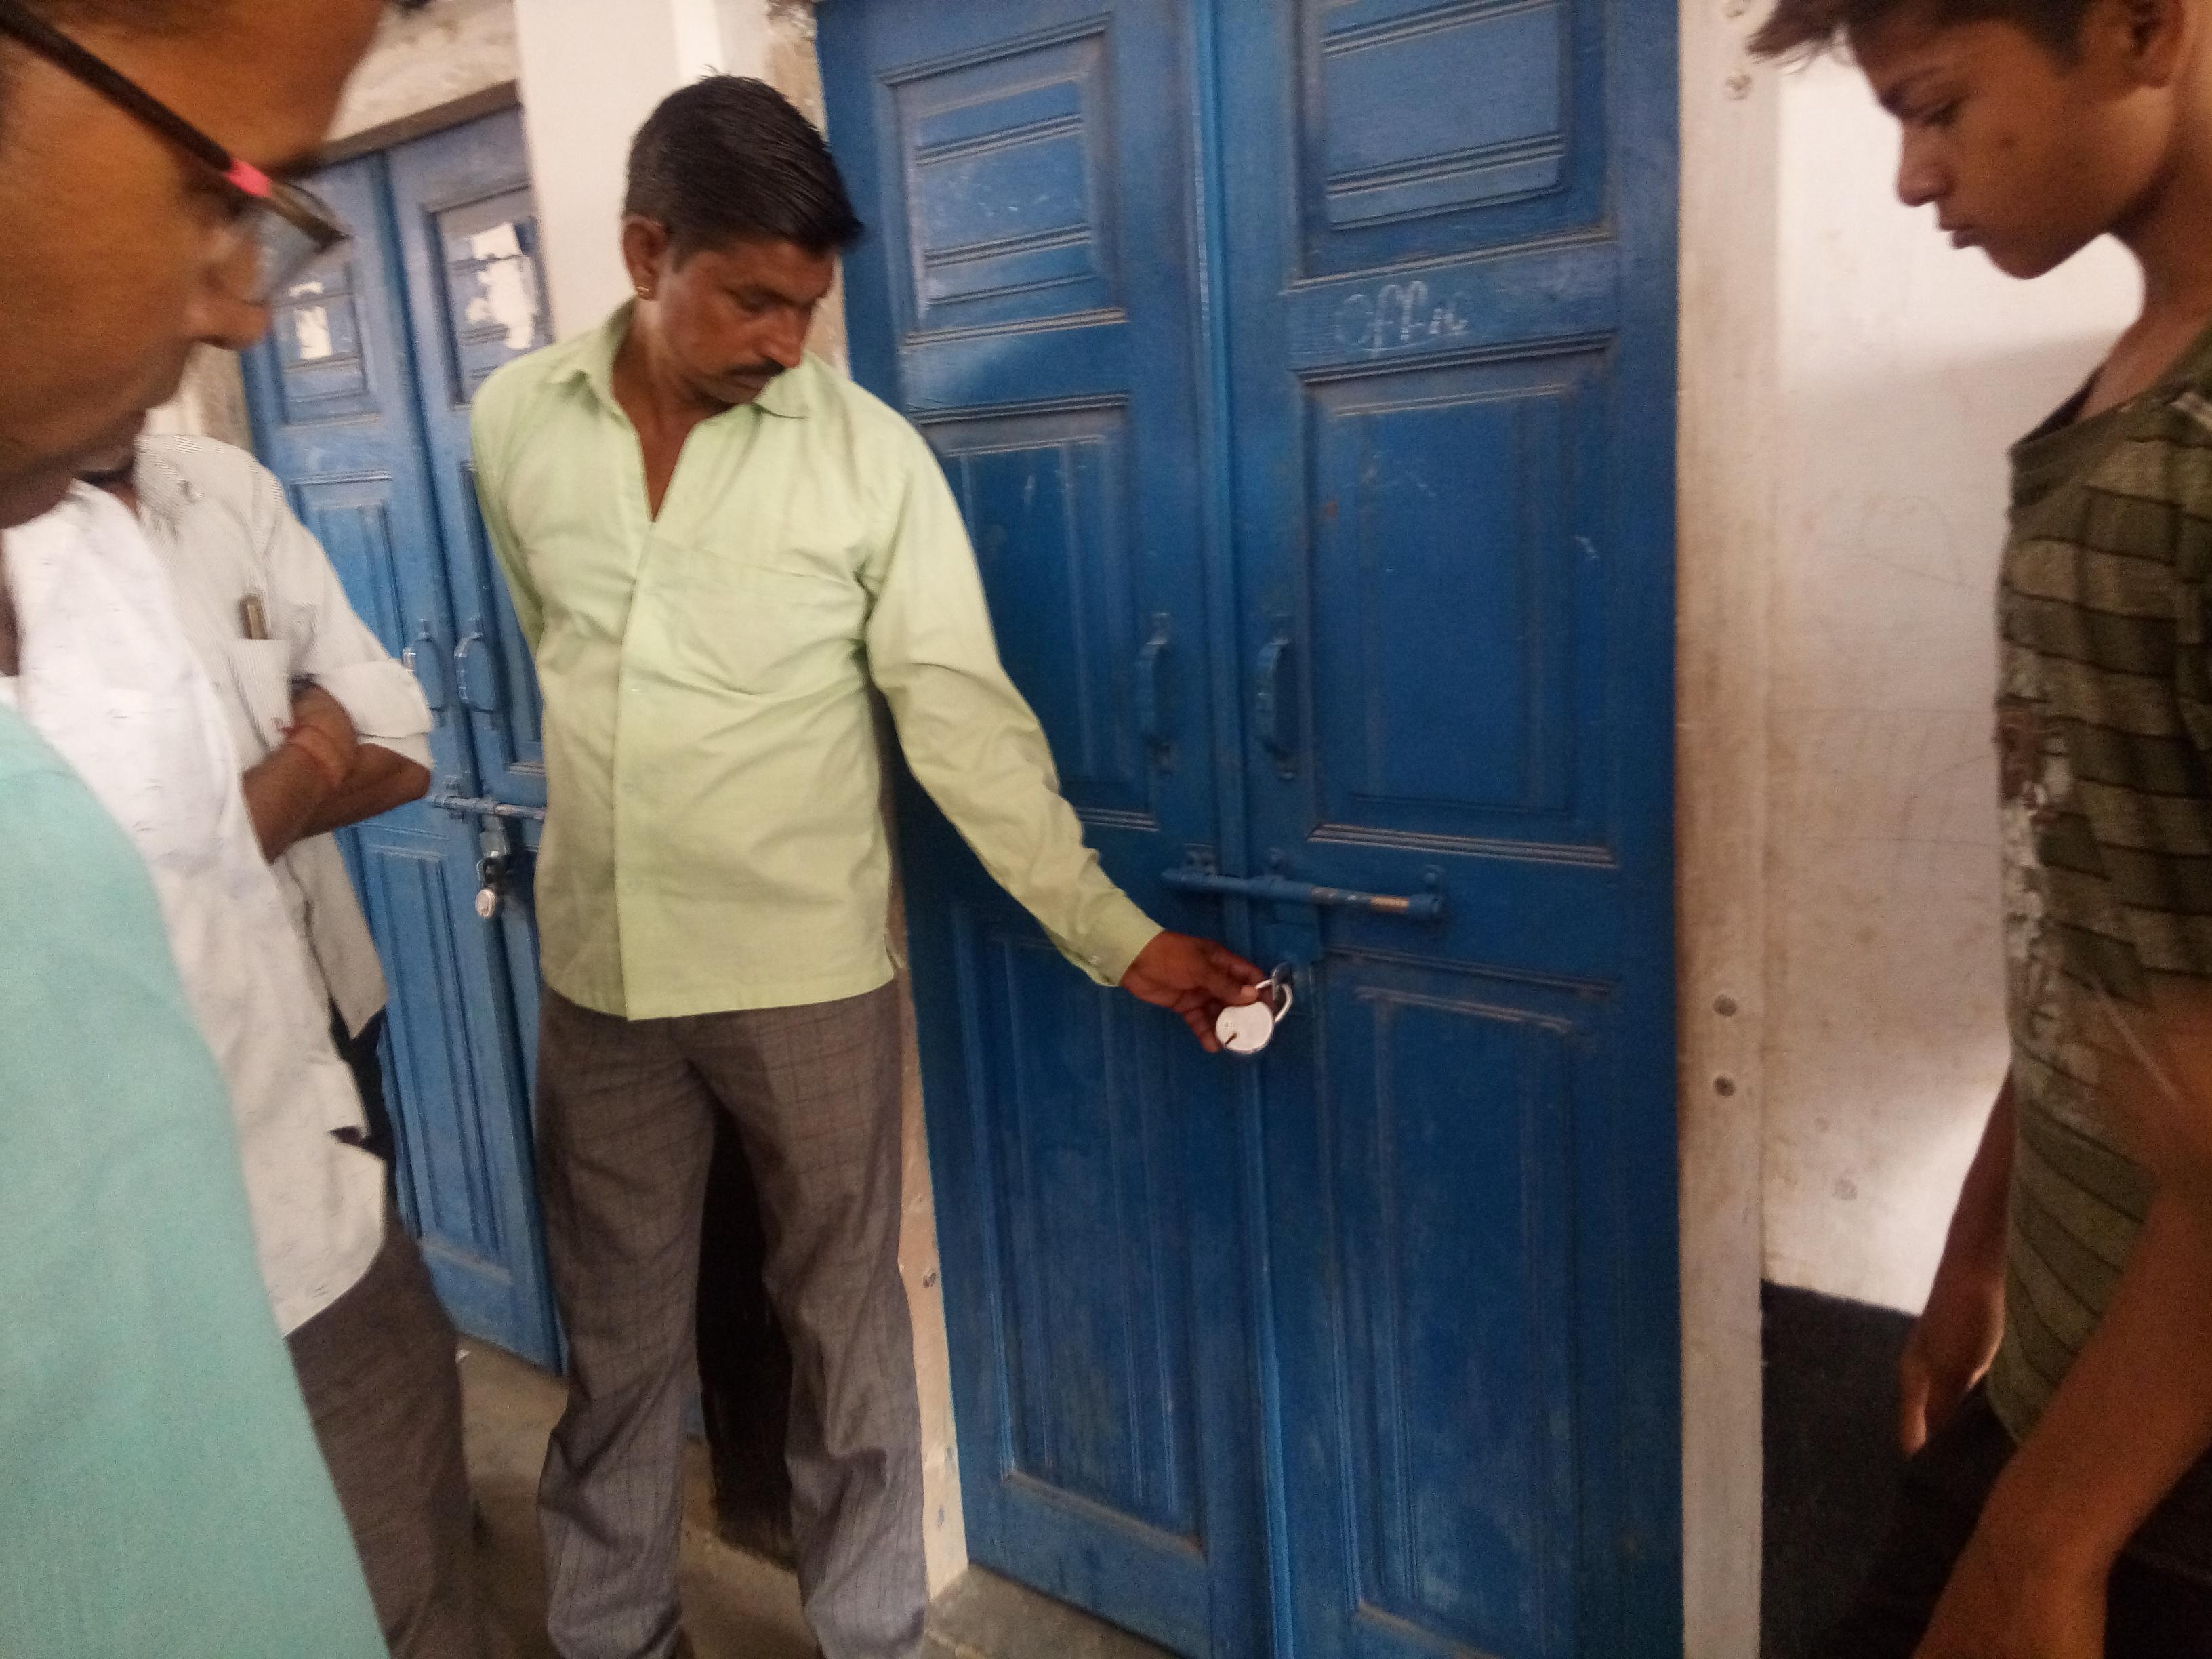 न्यून परीक्षा परिणाम से नाराज ग्रामीणों ने बालिका स्कूल पर लगाया ताला